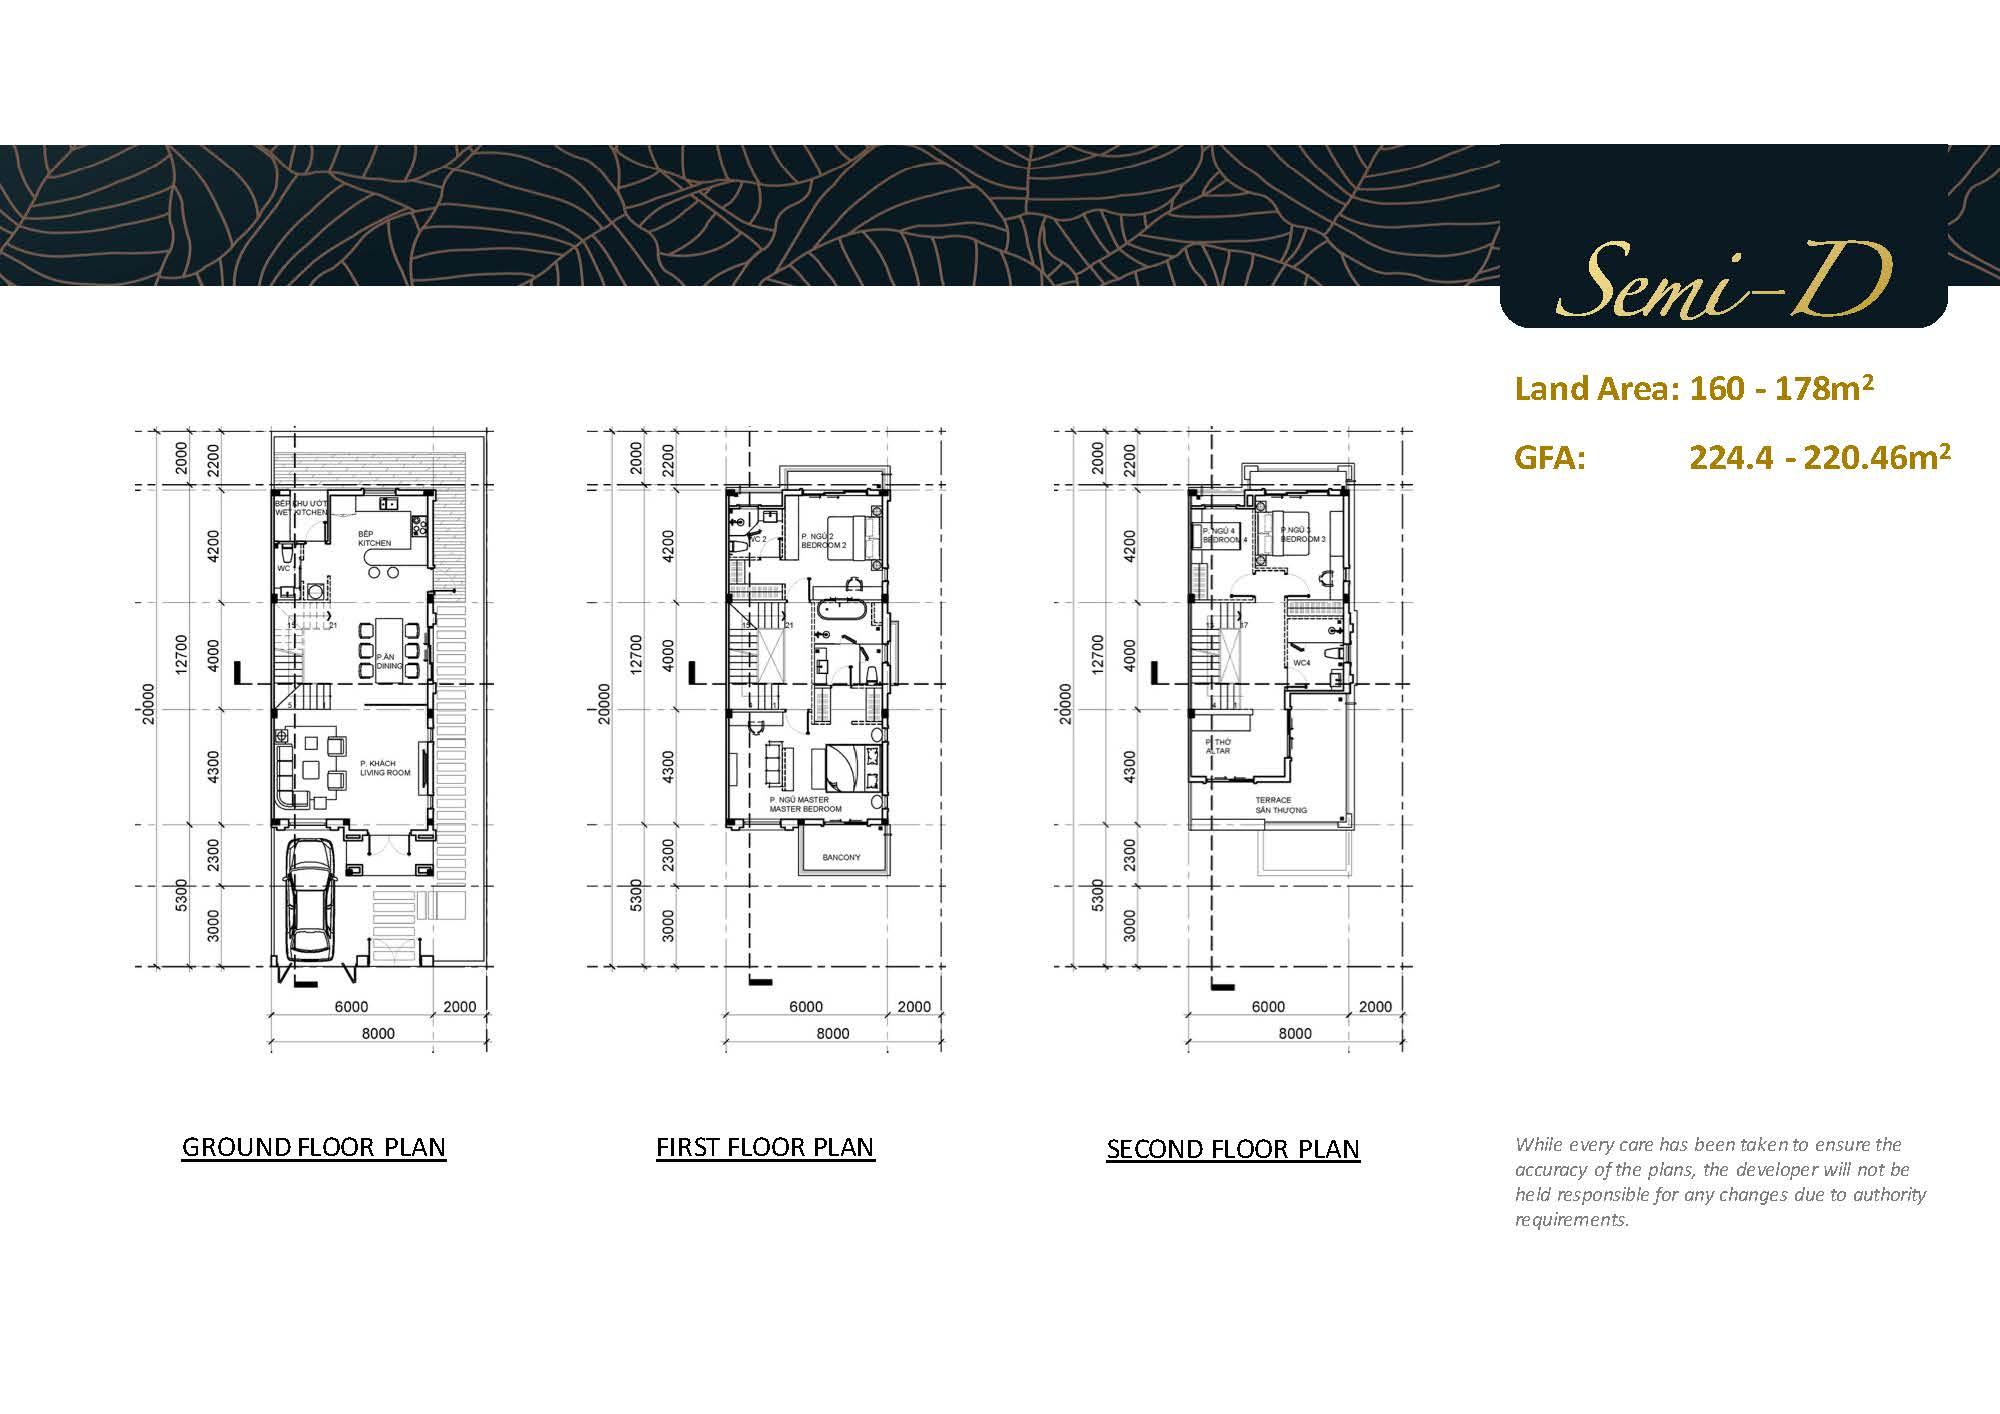 mặt bằng thiết kế nội thất biệt thự Swanbay - mặt bằng